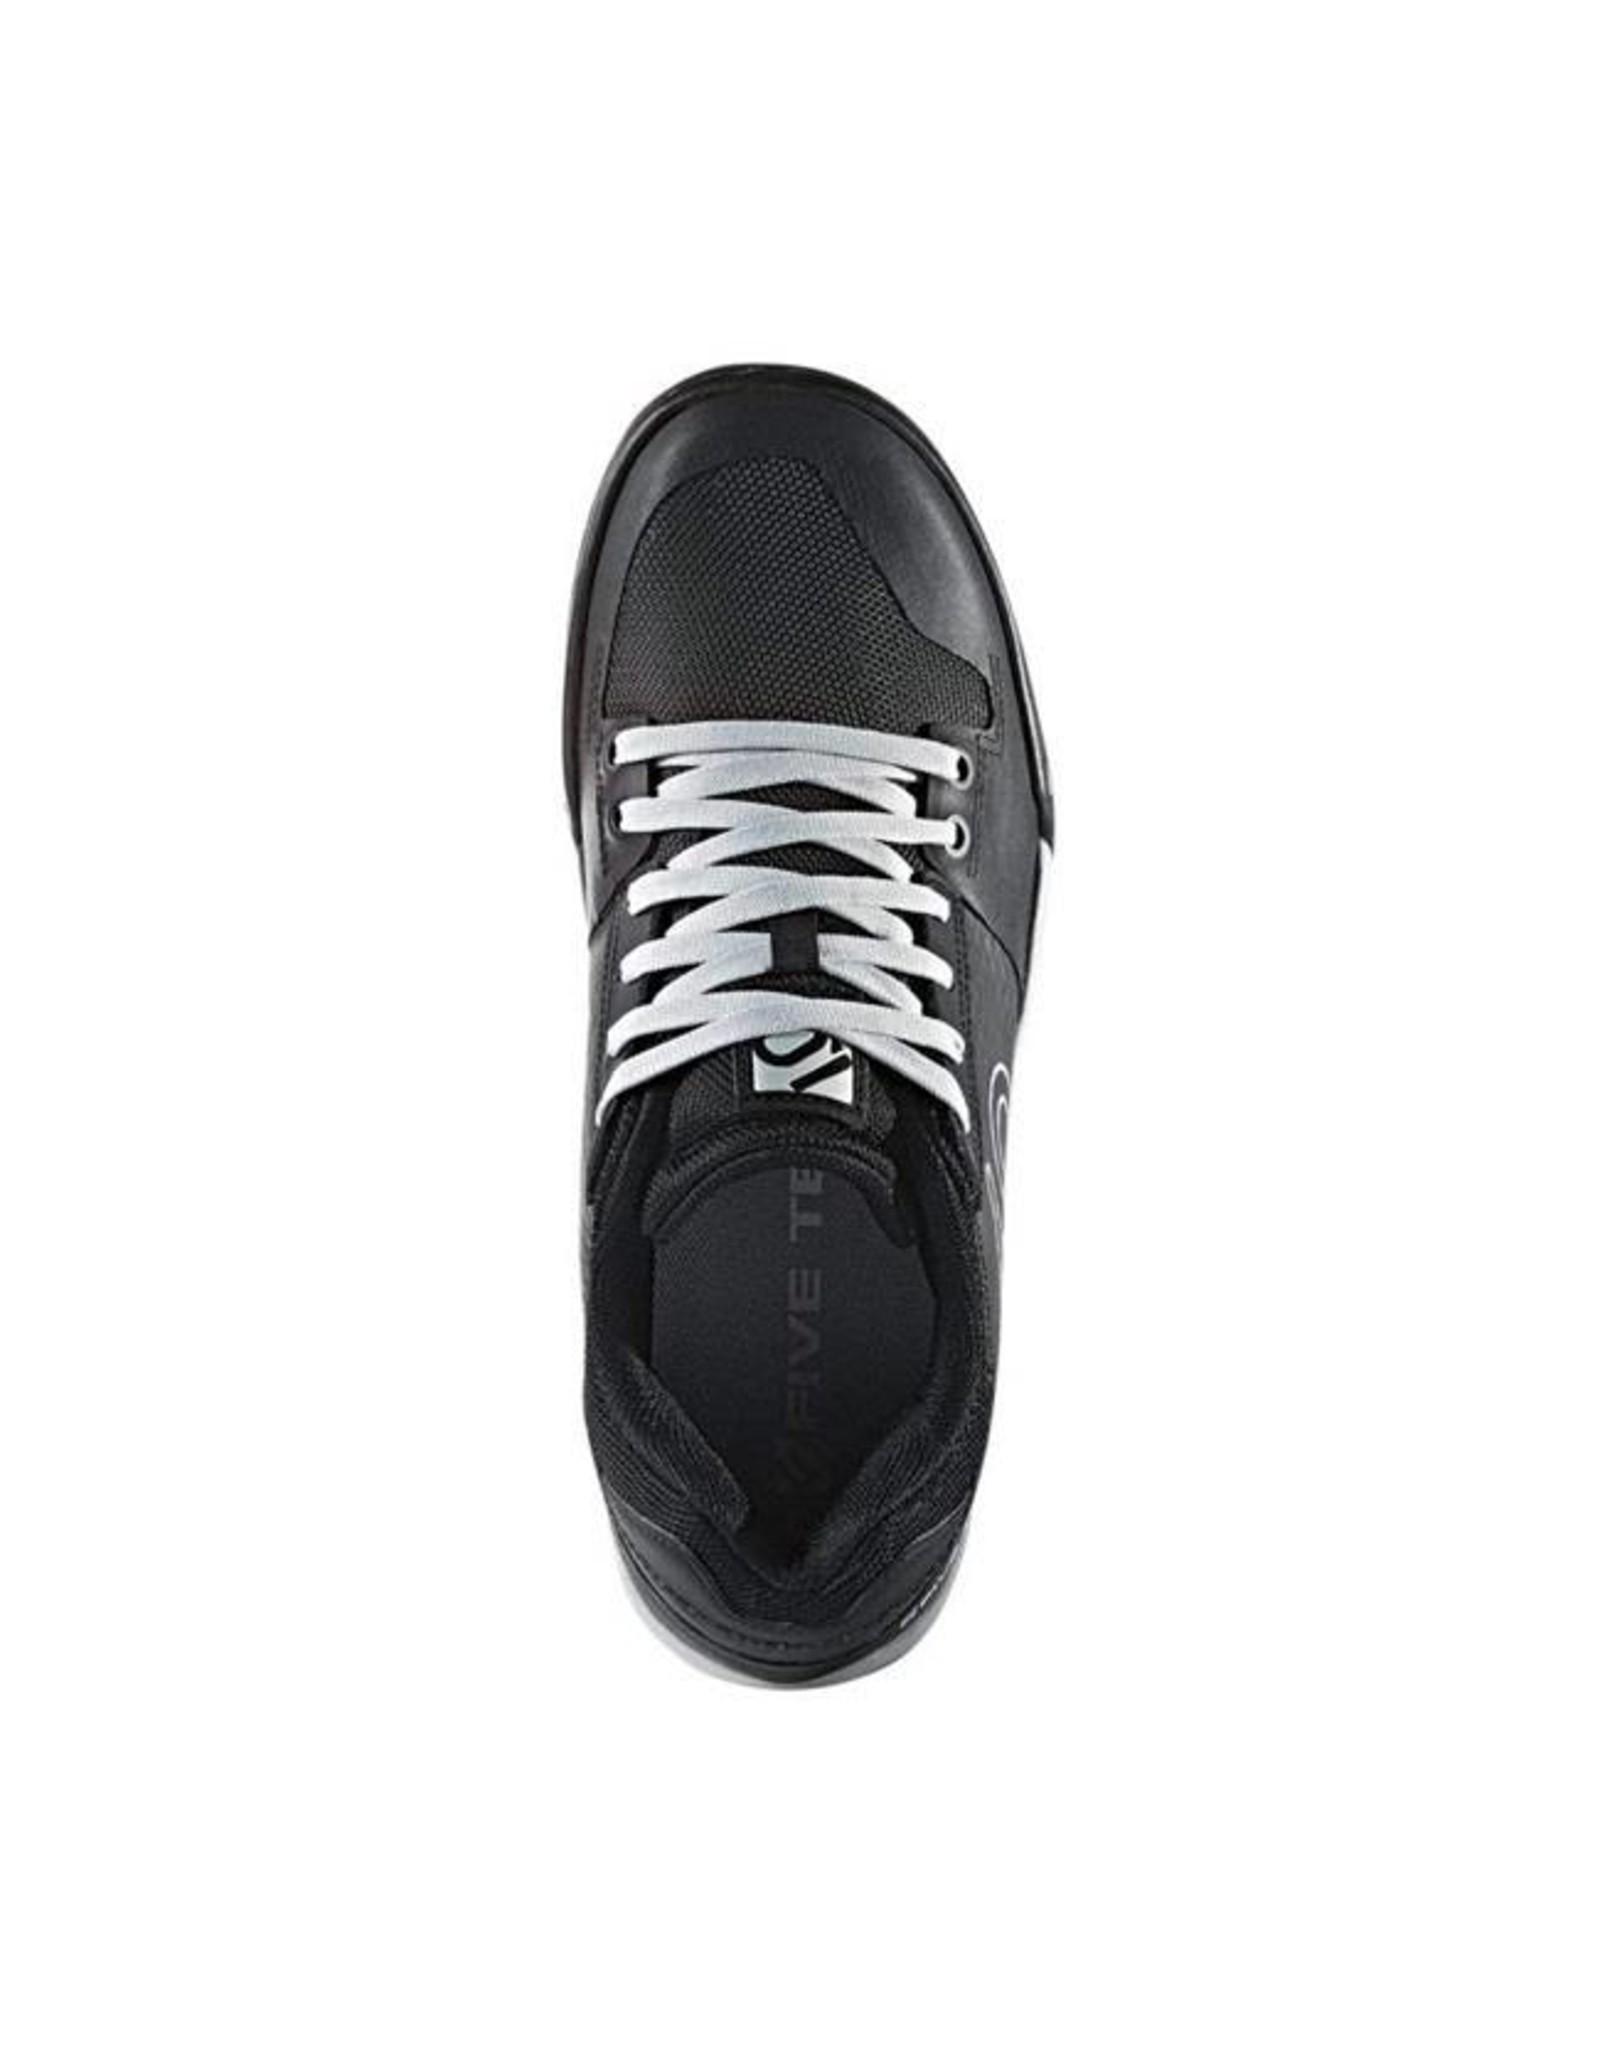 Five Ten Five Ten Freerider Contact Men's Flat Pedal Shoe: Split Black 8